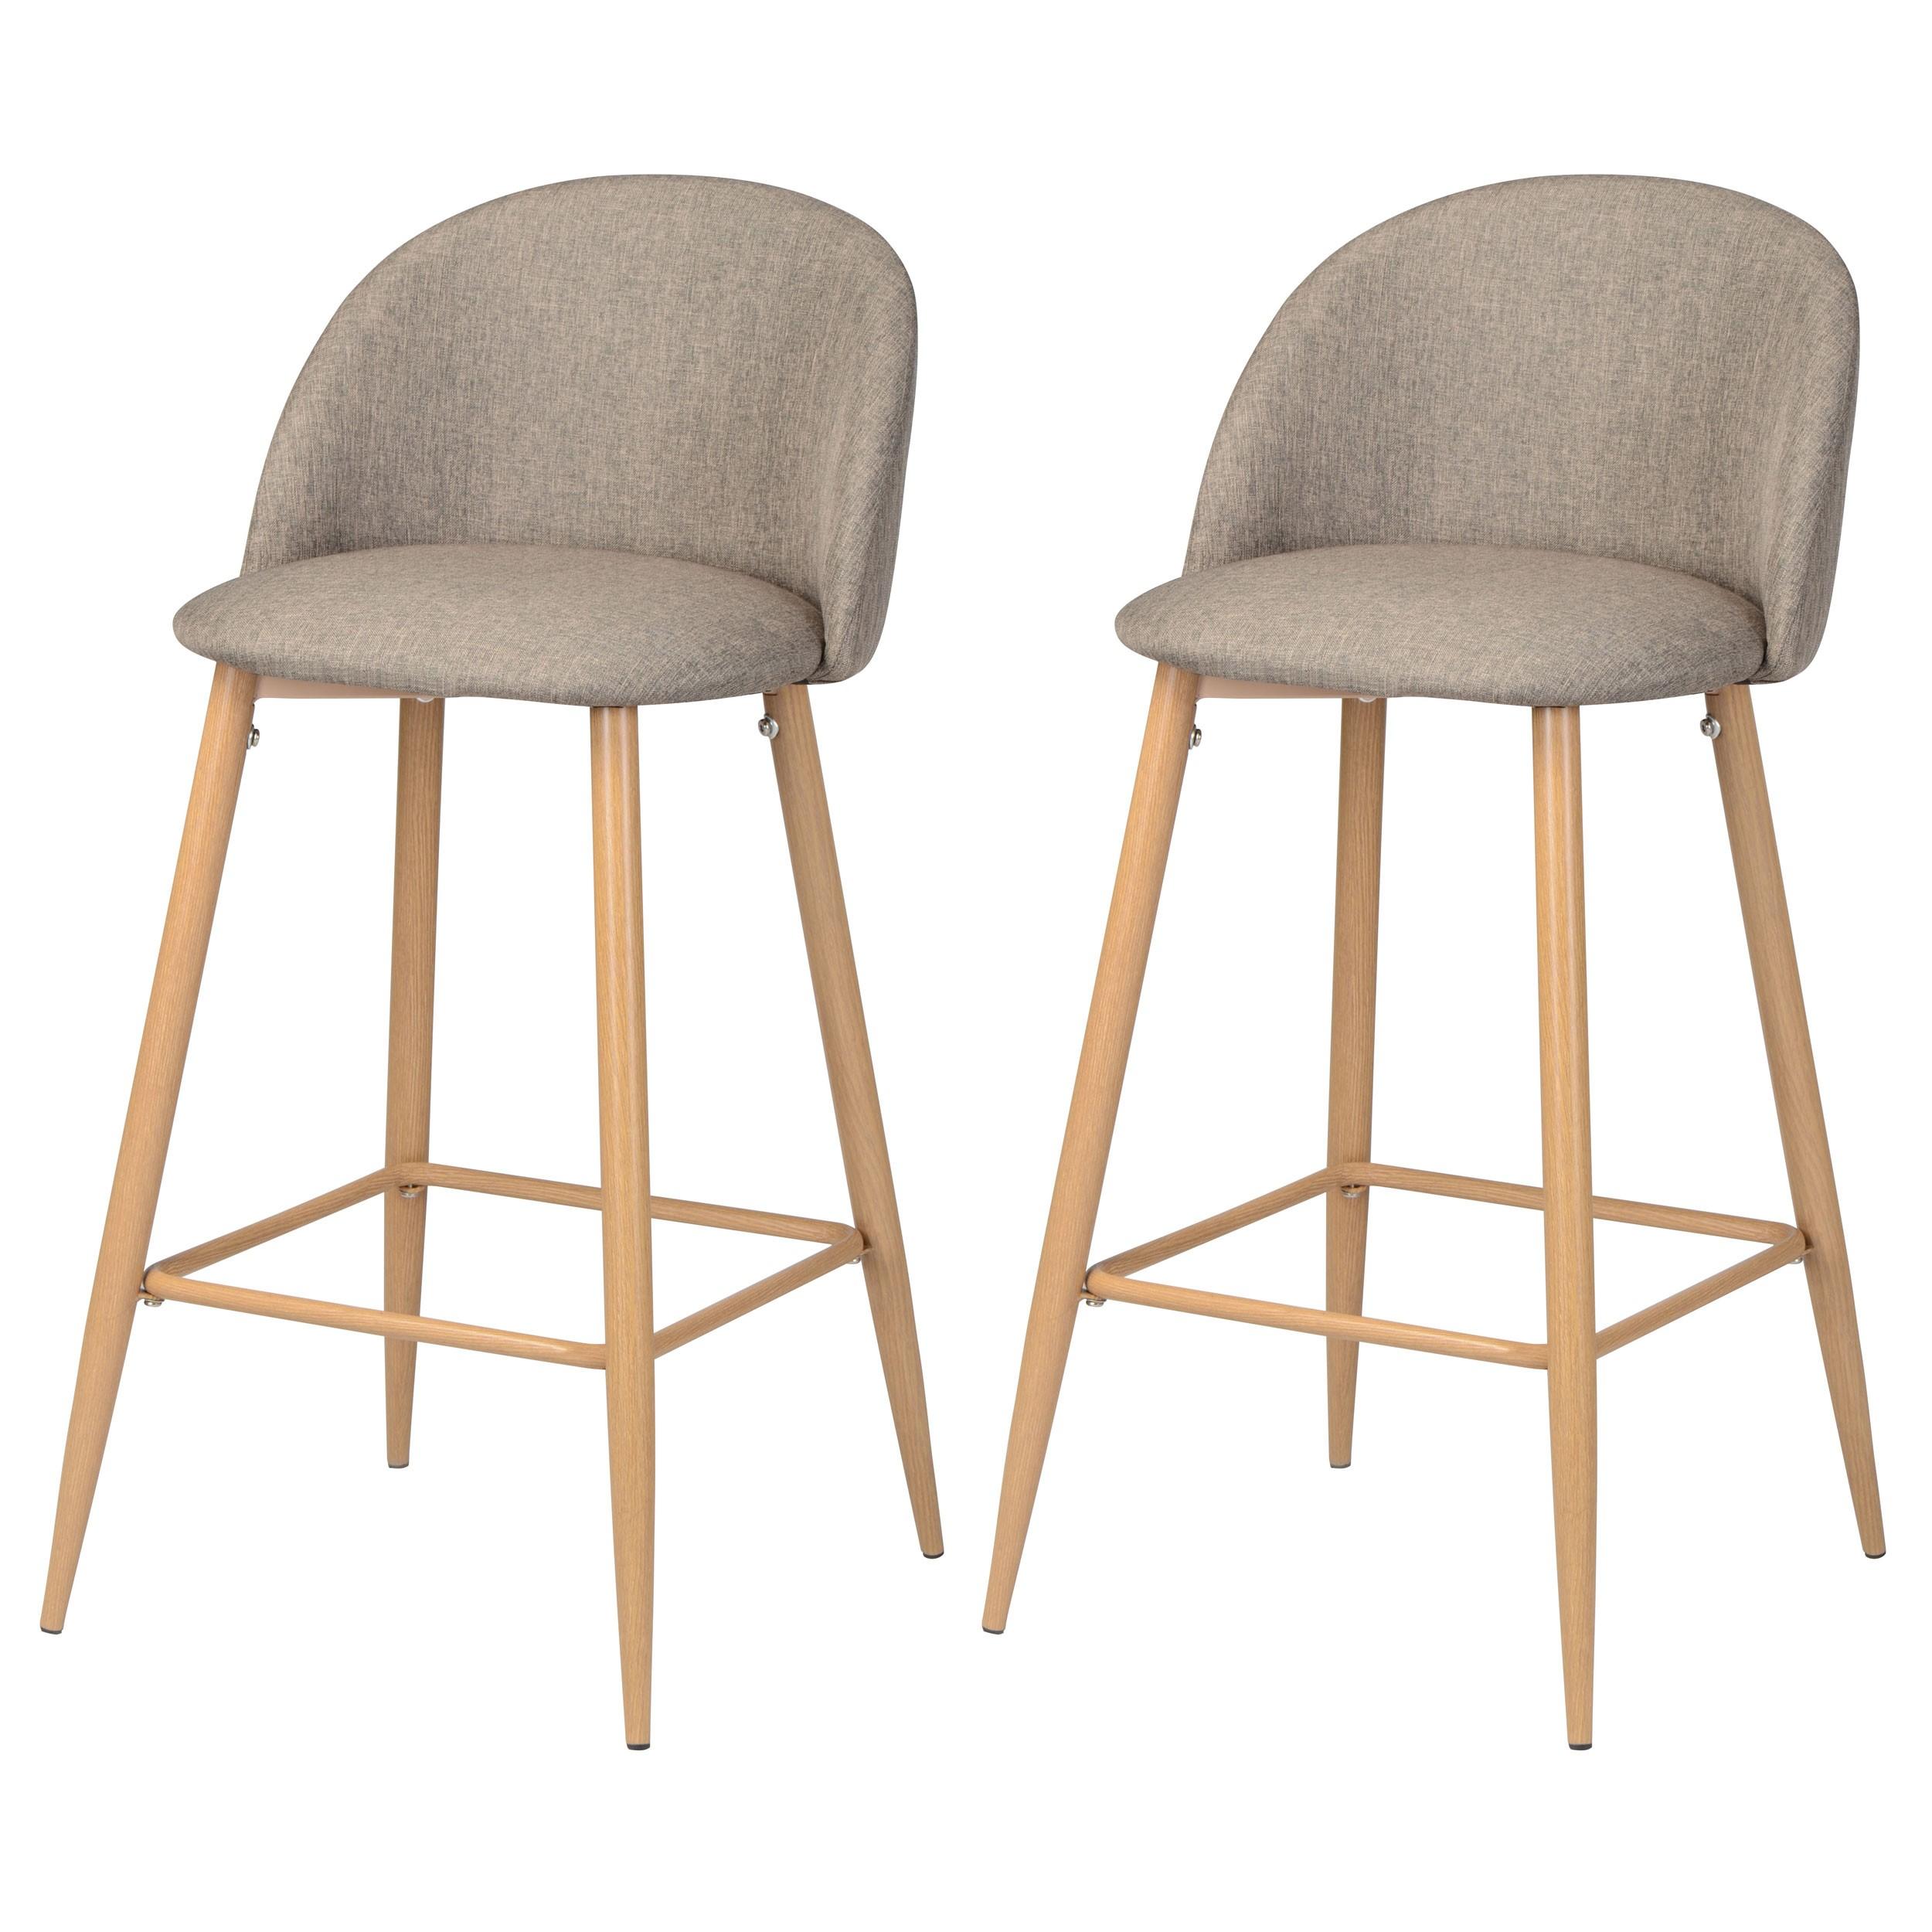 chaise de bar cozy taupe (lot de 2) : commandez nos chaises de bar